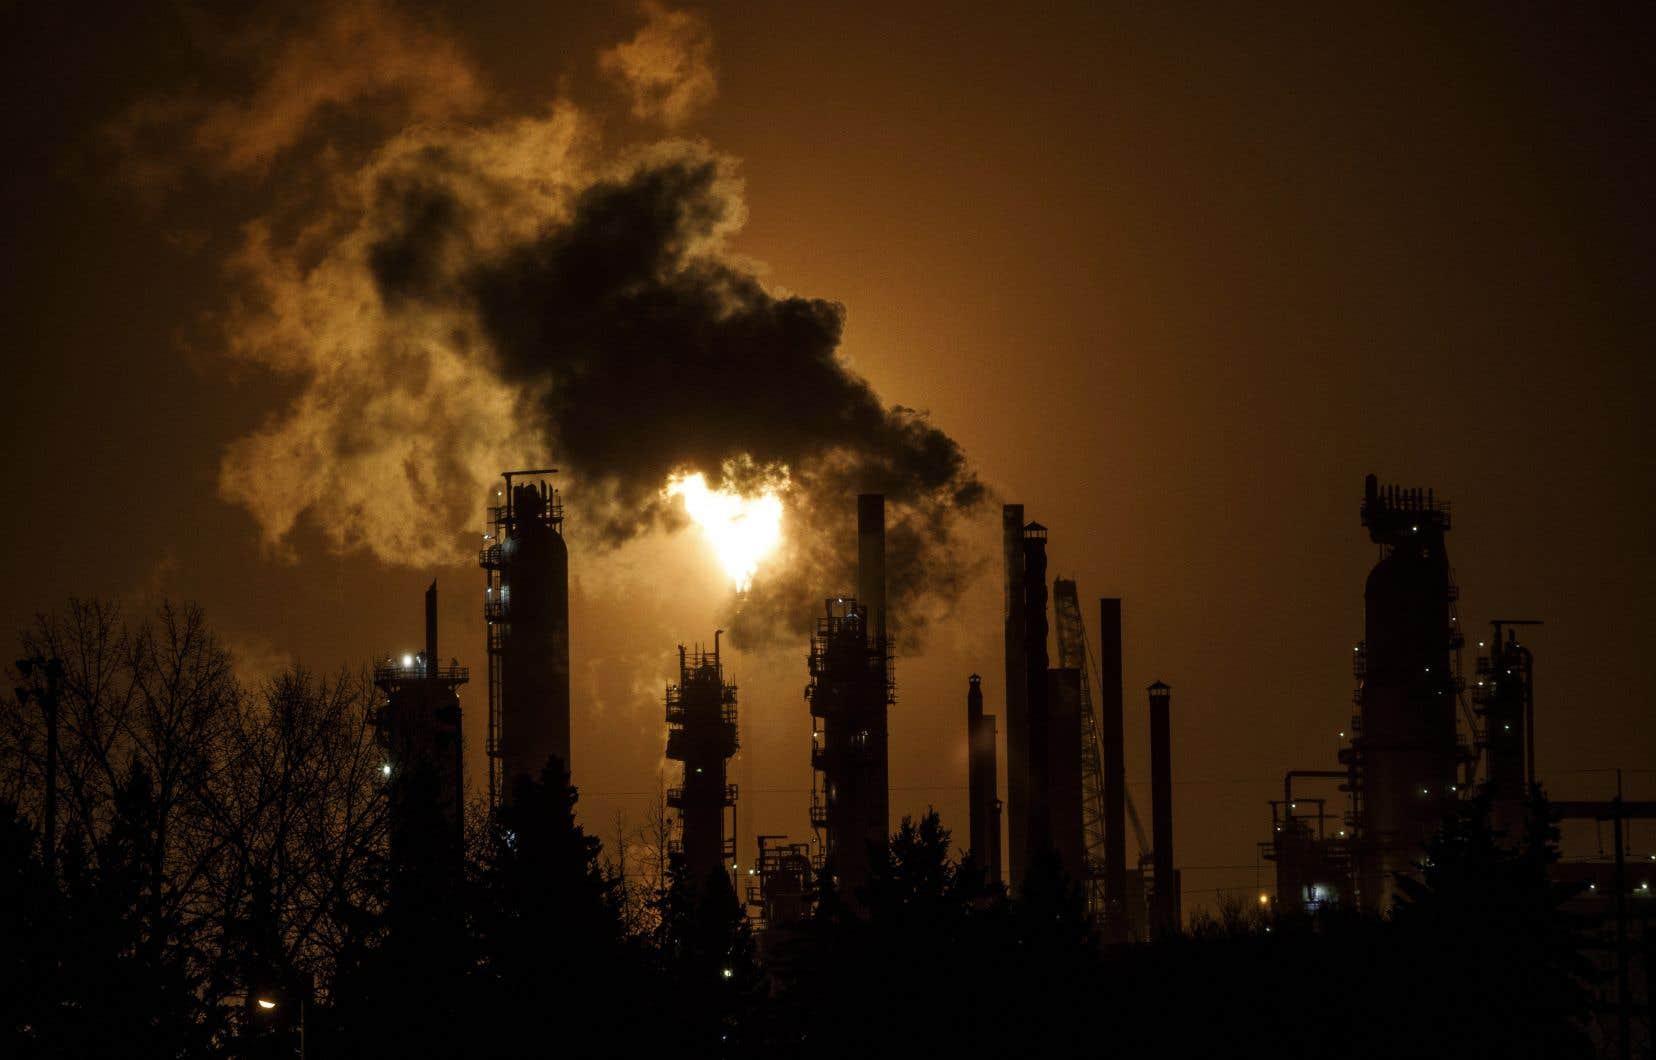 Les dirigeants provinciaux déplorent le fait que la réforme de l'évaluation environnementale prévue par les libéraux fédéraux créerait des obstacles insurmontables à l'exportation de leurs ressources et menacerait les emplois et l'économie.